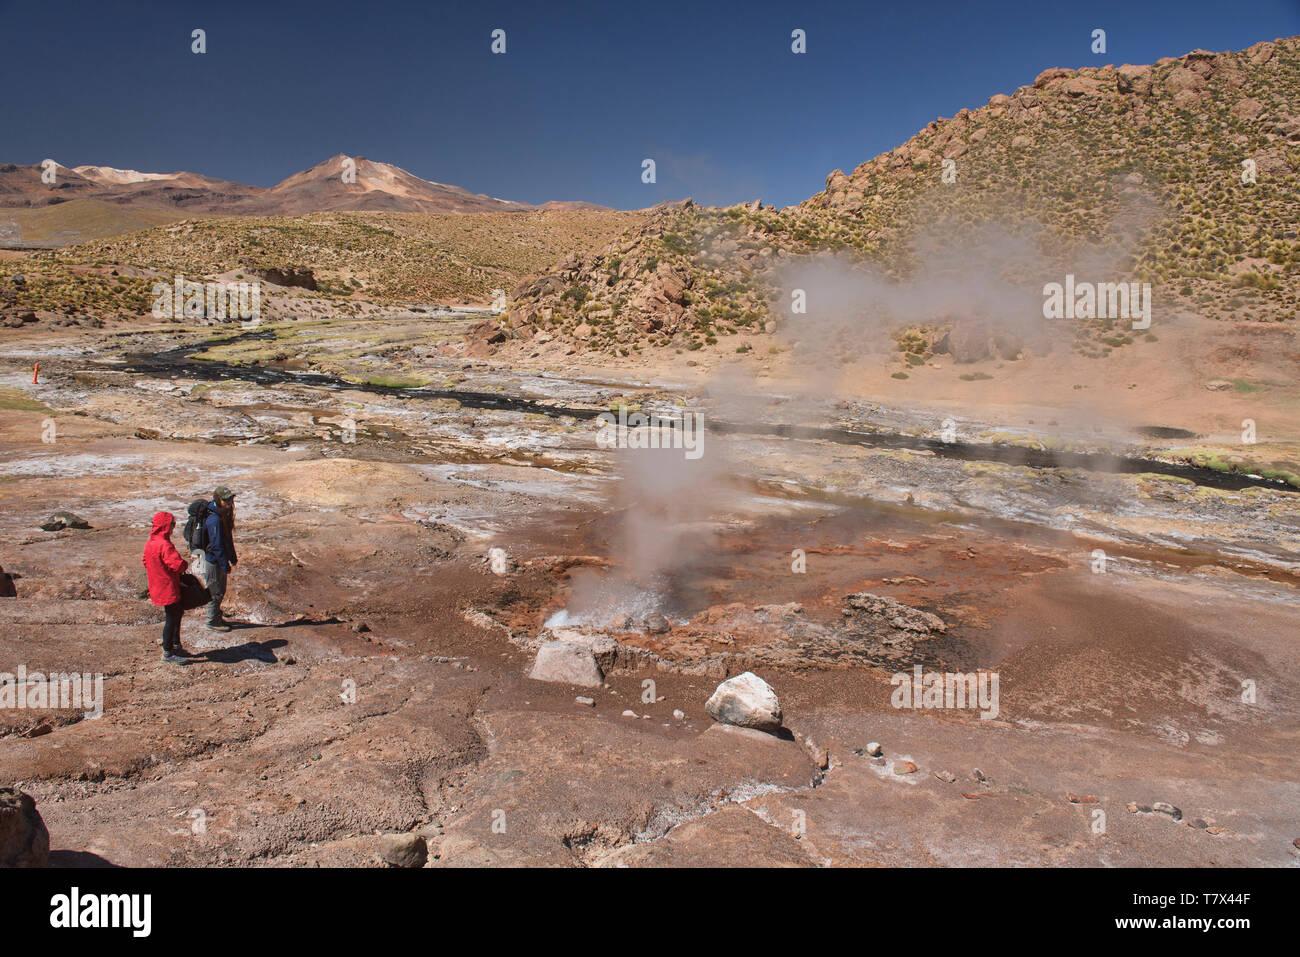 Watching a geyser erupt along the Rio Blanco, El Tatio, San Pedro de Atacama, Chile - Stock Image